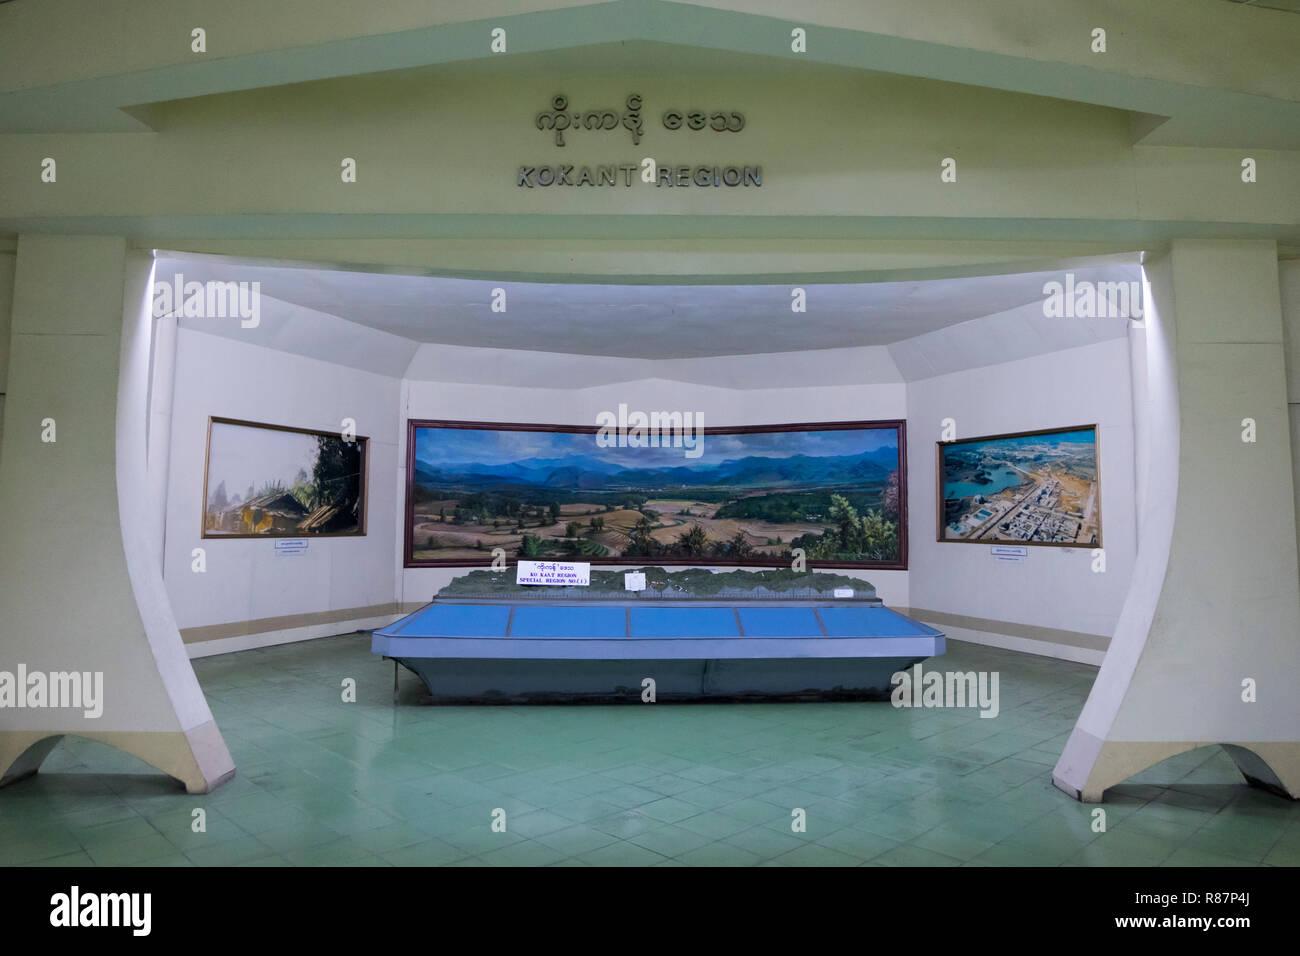 Exposition au Musée de l'élimination de la drogue dans la région de Yangon, Myanmar. Banque D'Images